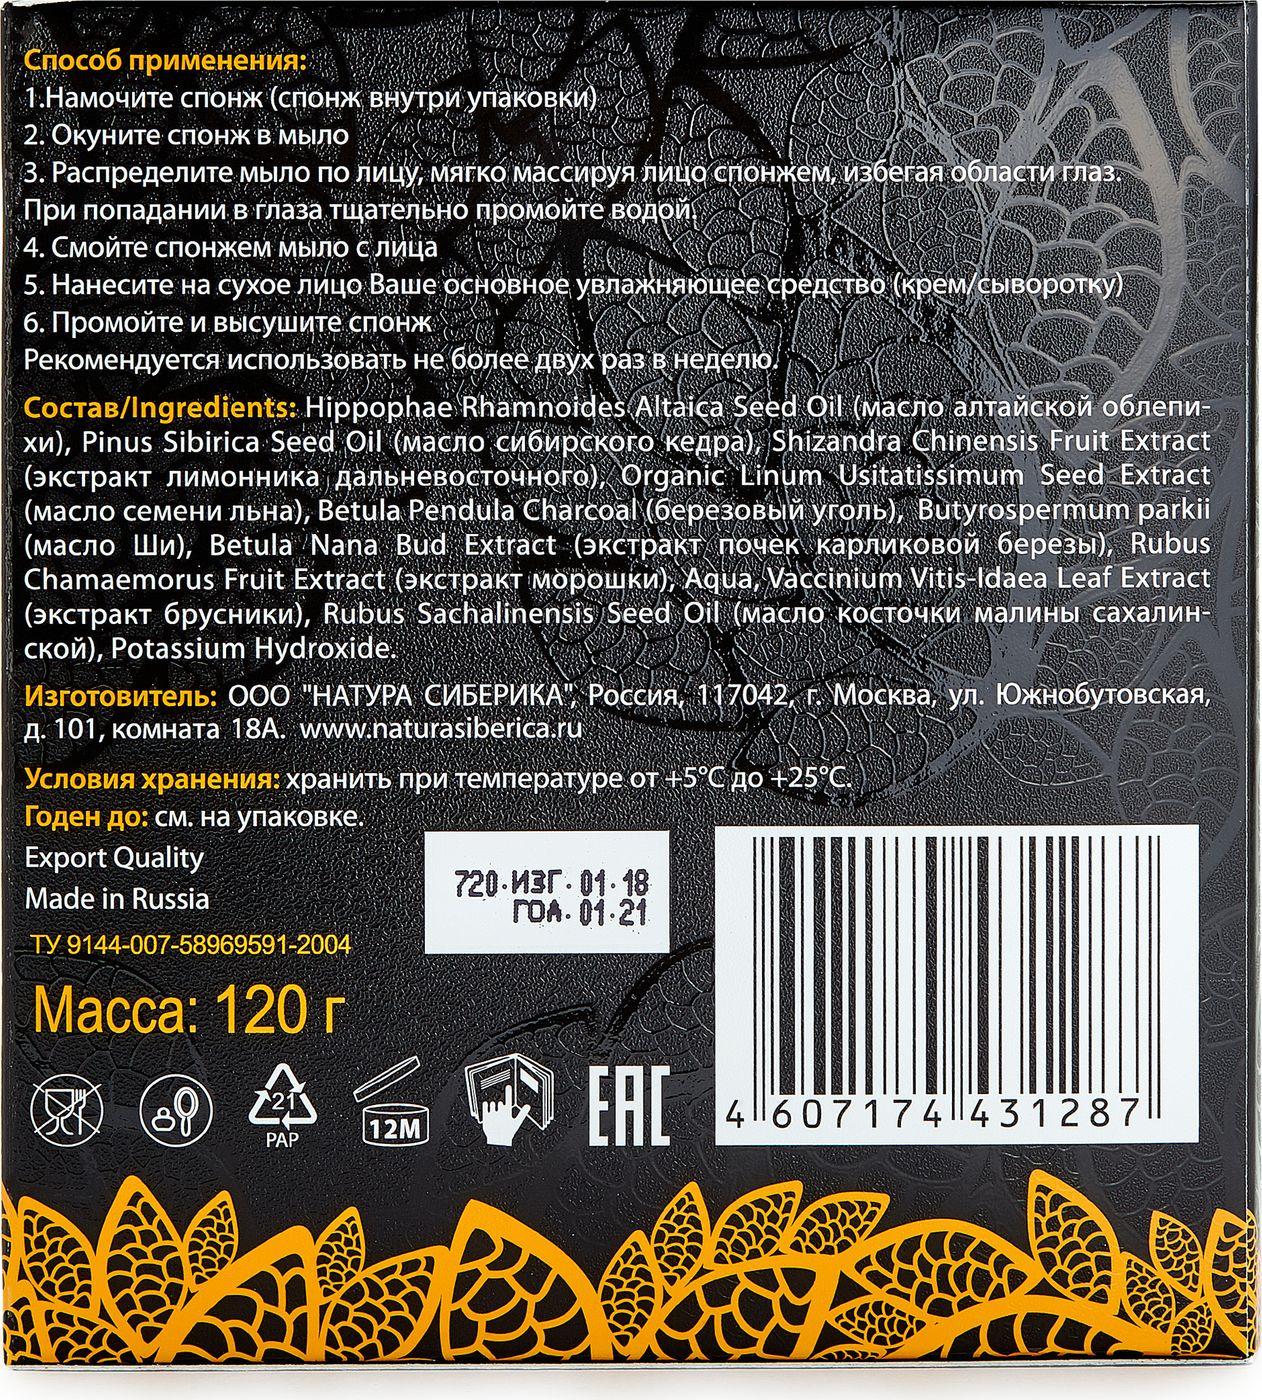 Мыло-детокс Natura Siberica